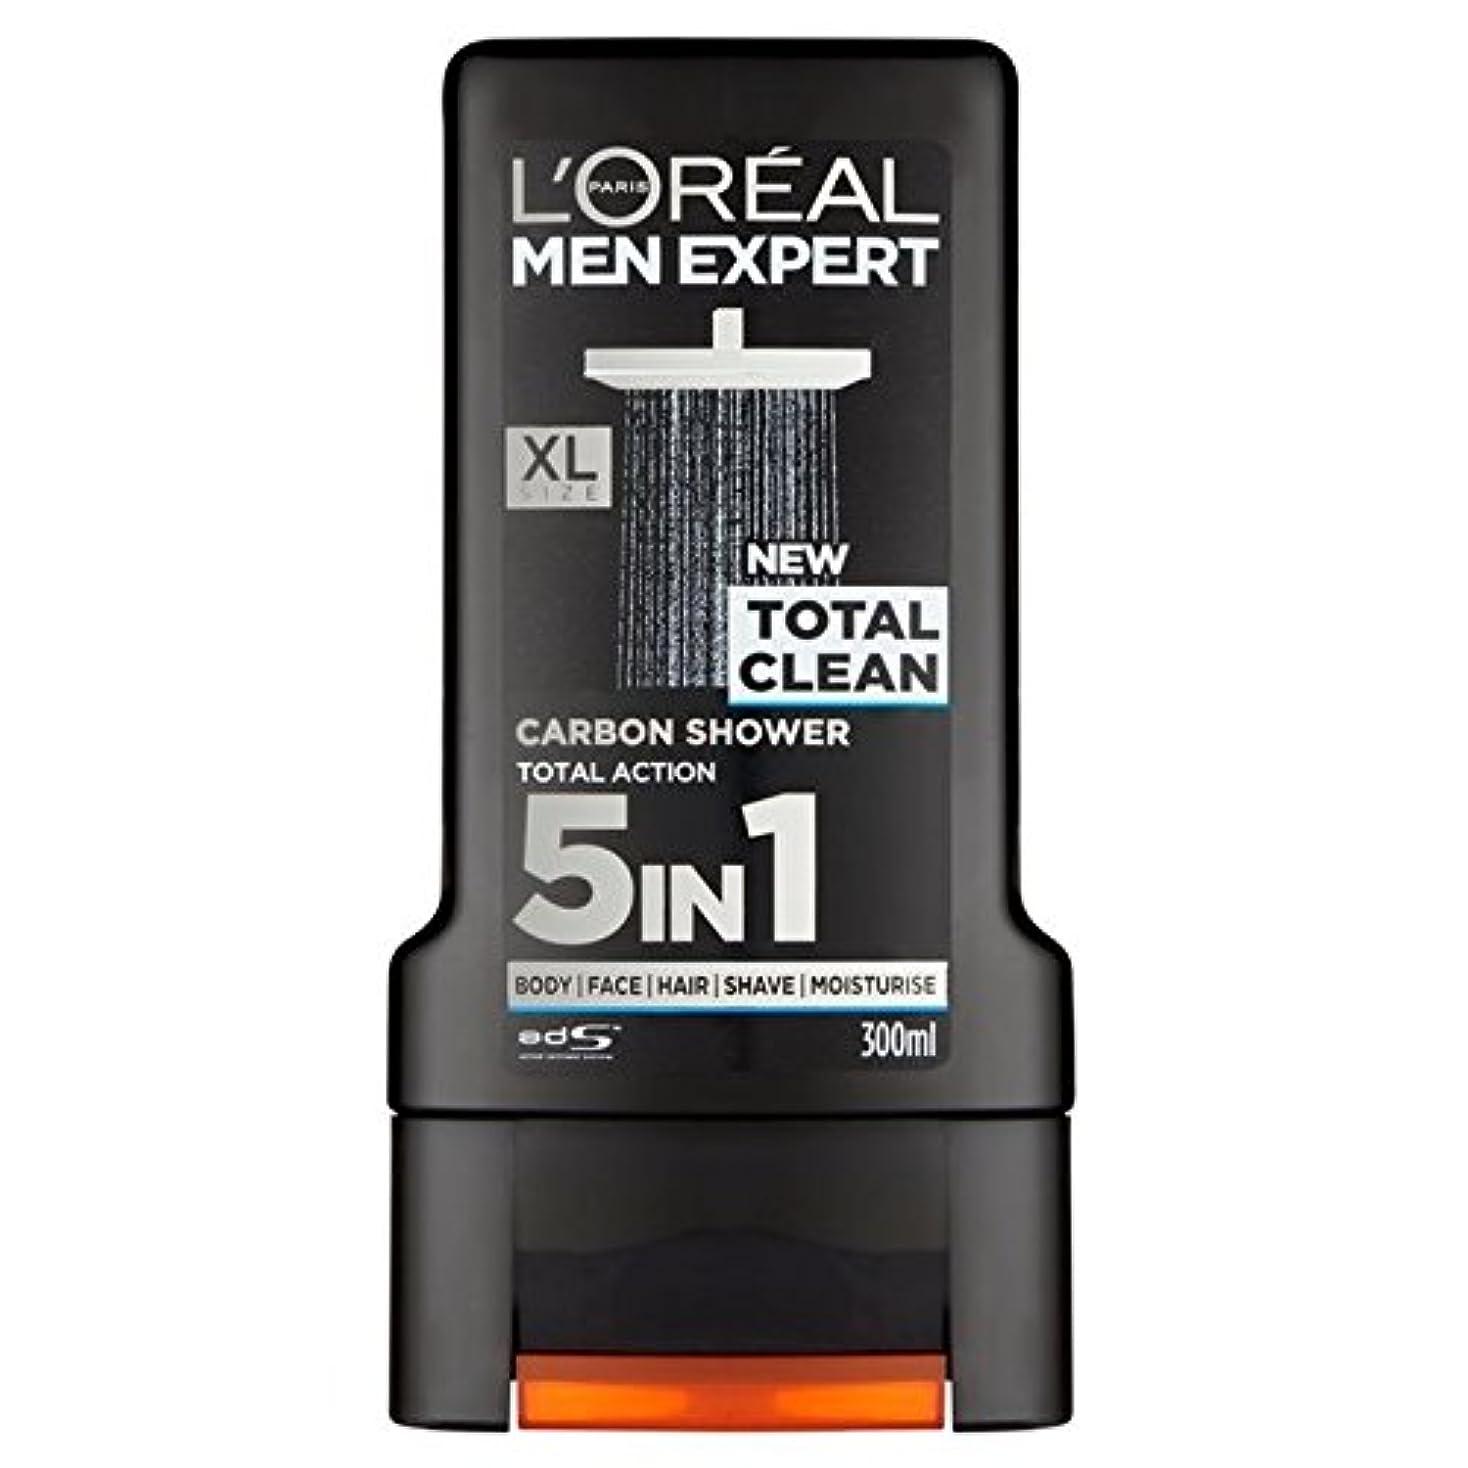 移植憤る死の顎L'Oreal Paris Men Expert Total Clean Shower Gel 300ml - ロレアルパリのメンズ専門トータルクリーンシャワージェル300ミリリットル [並行輸入品]